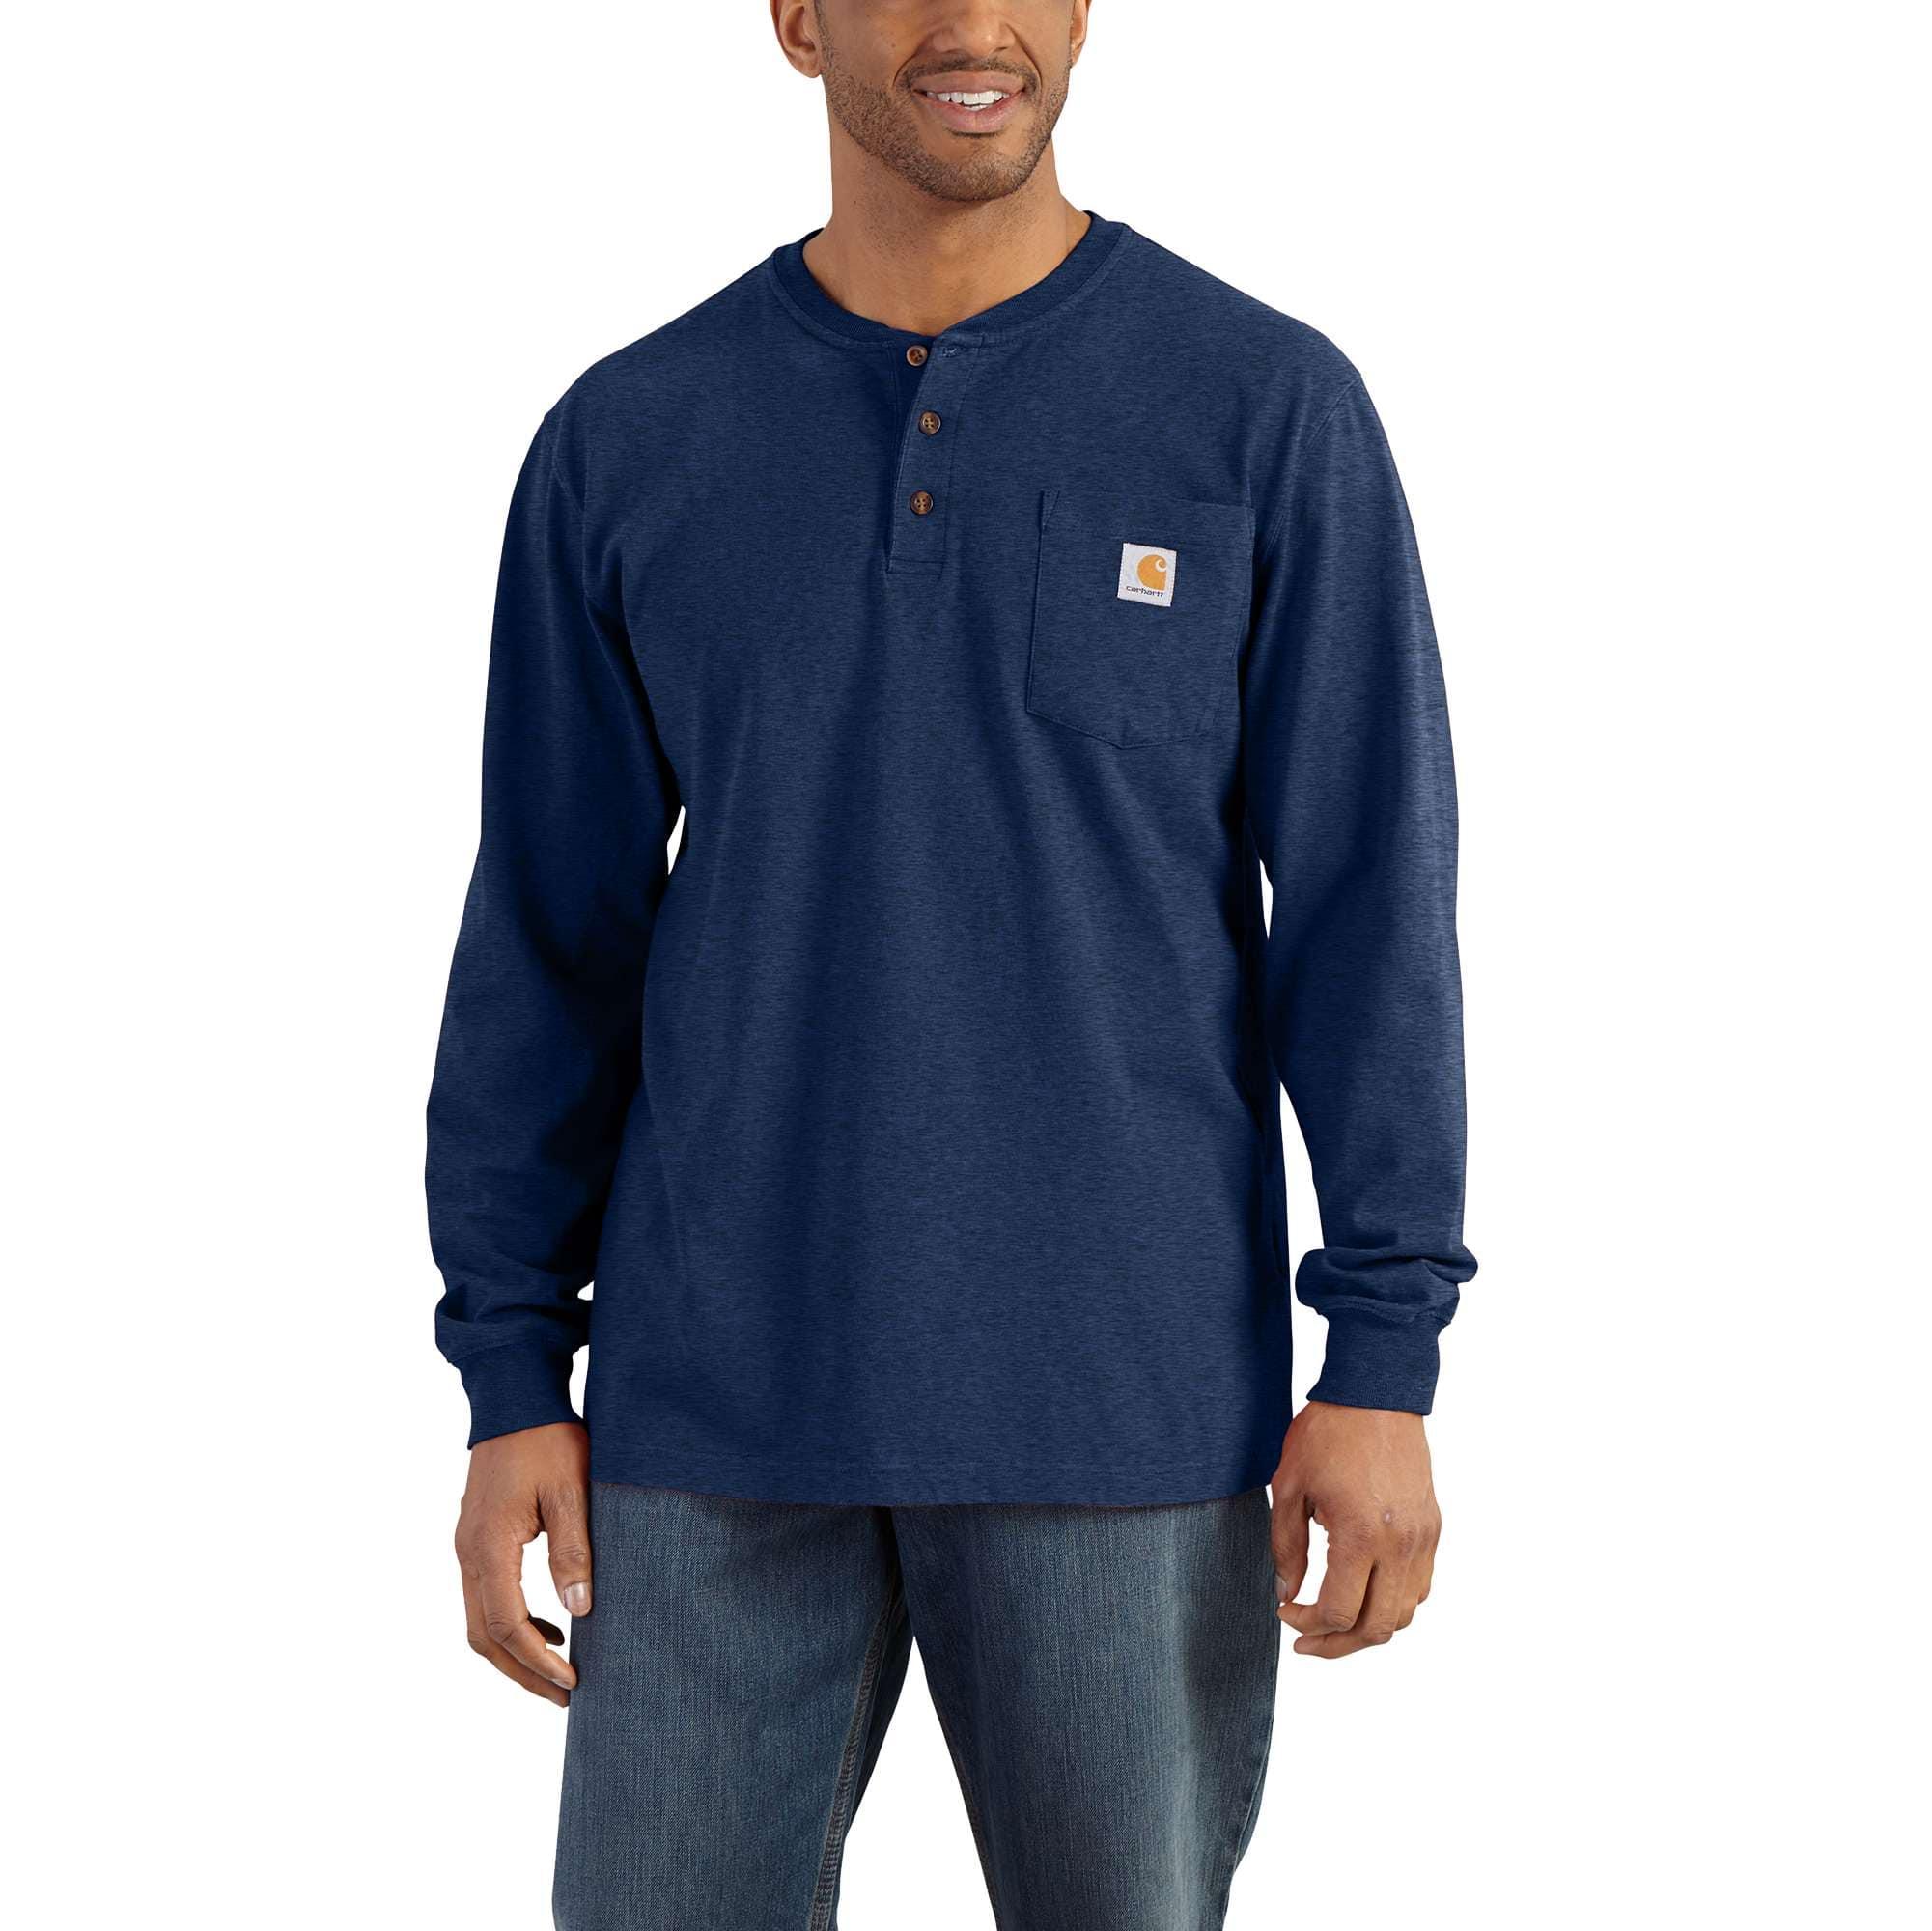 6eaca395405 Men s Workwear Long-Sleeve Henley T-Shirt K128